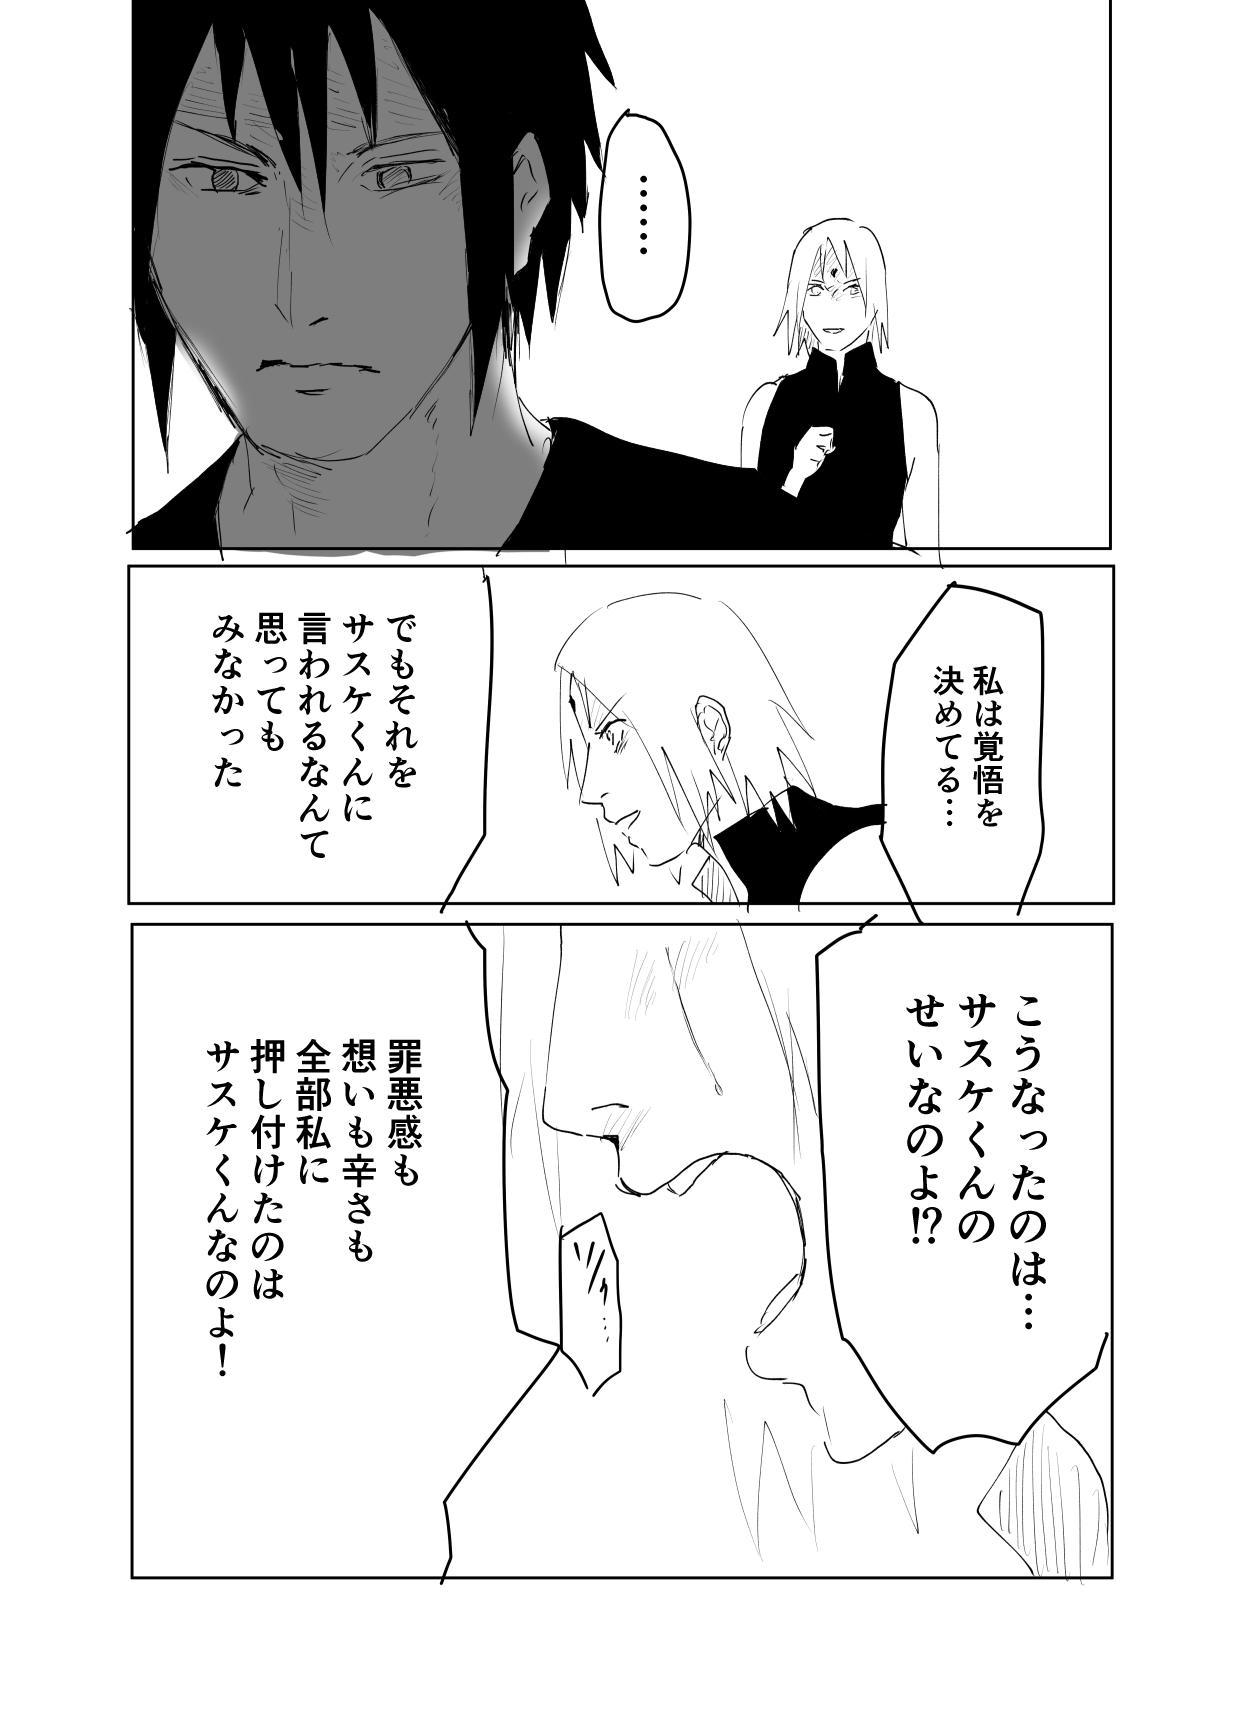 嘘告白漫画 46